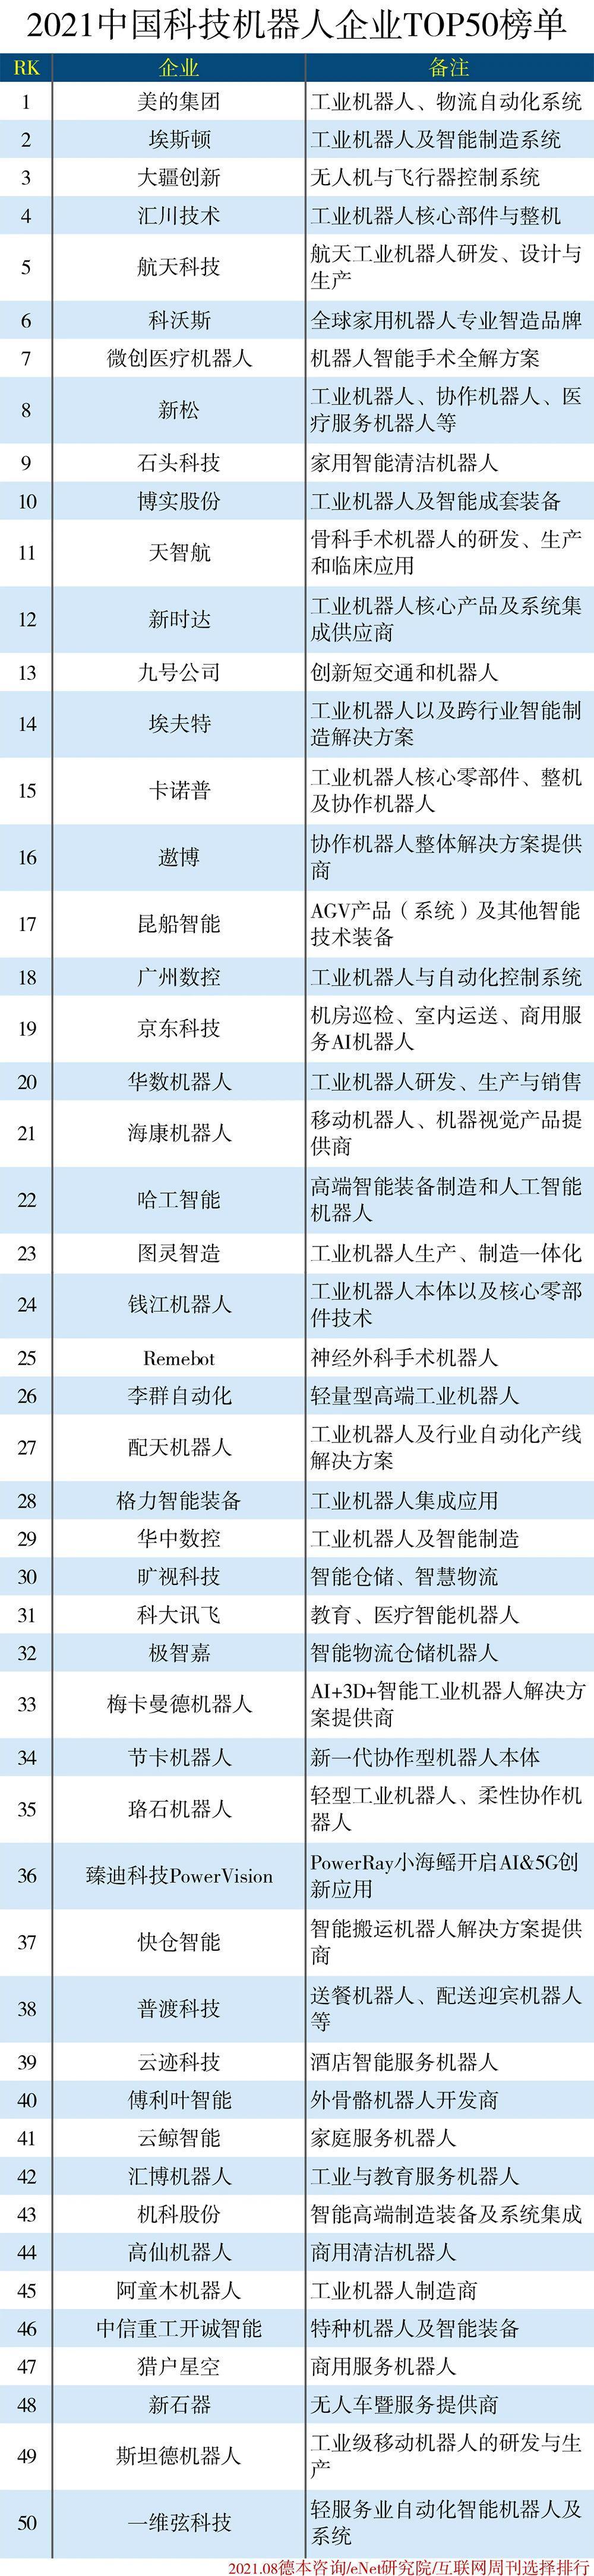 2021 中国科技机器人企业 50 强